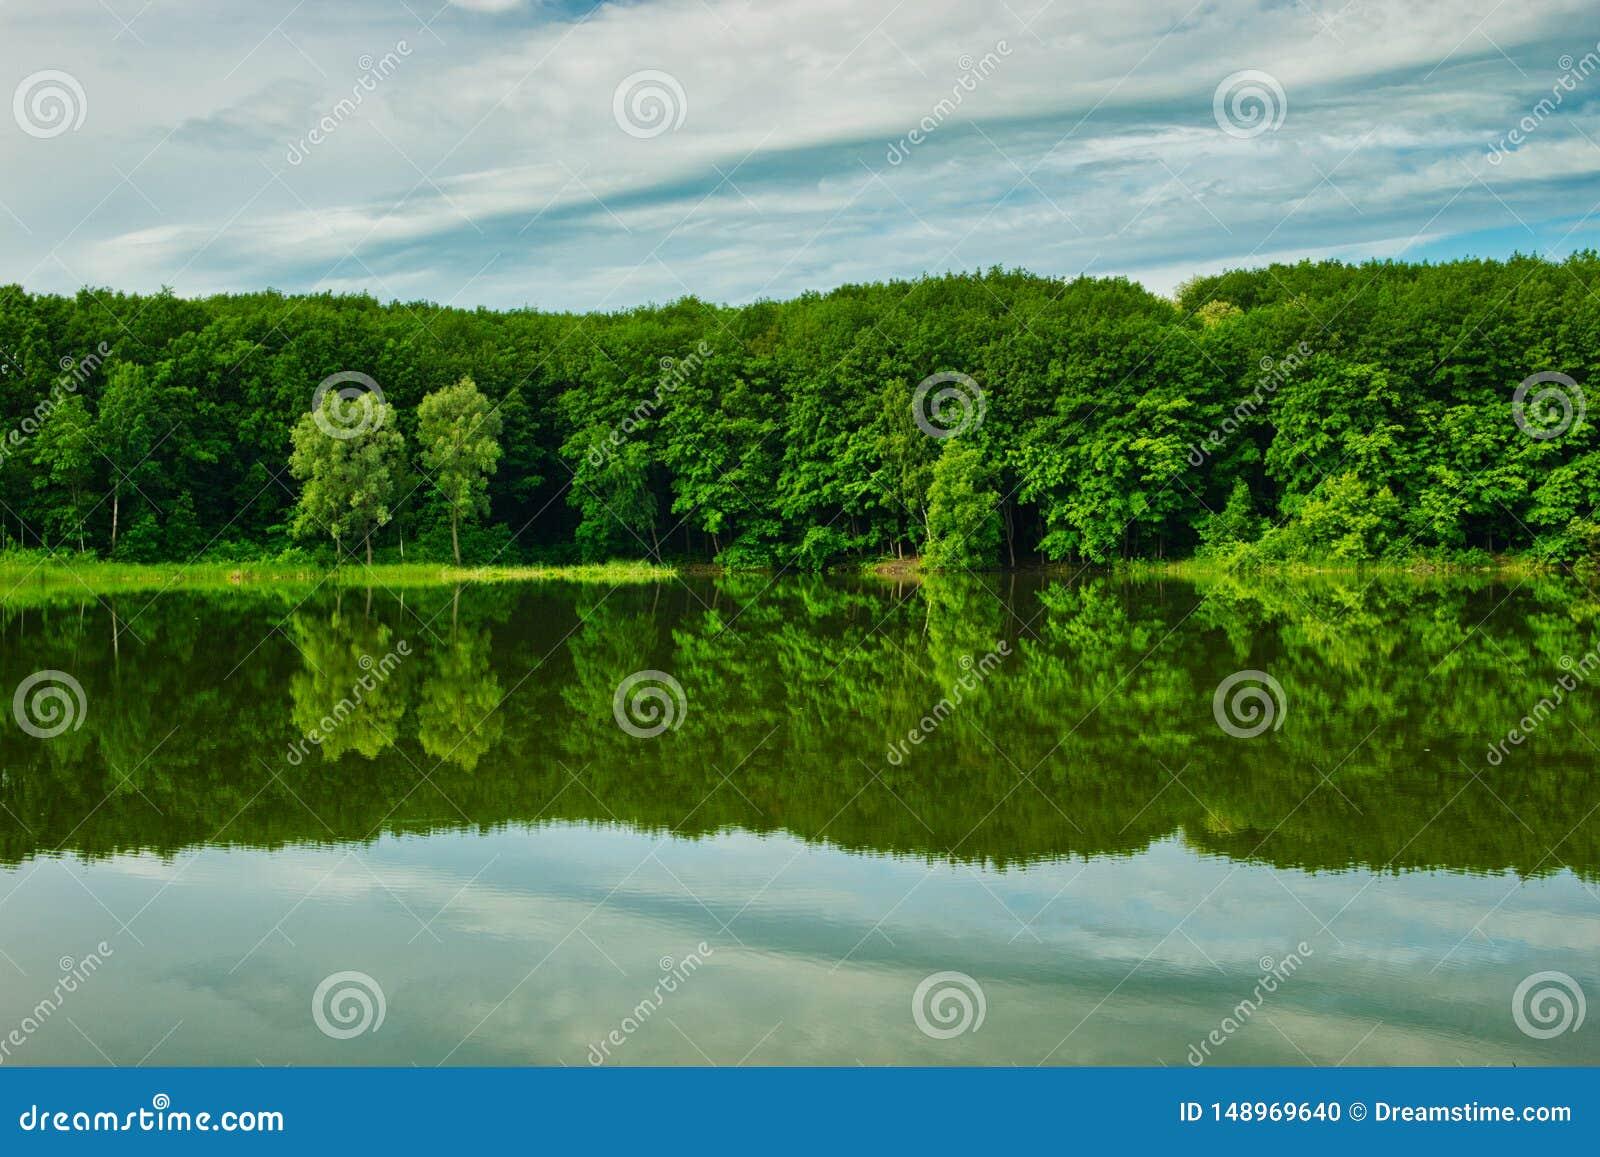 Gr?n skog reflekterad i sj?n